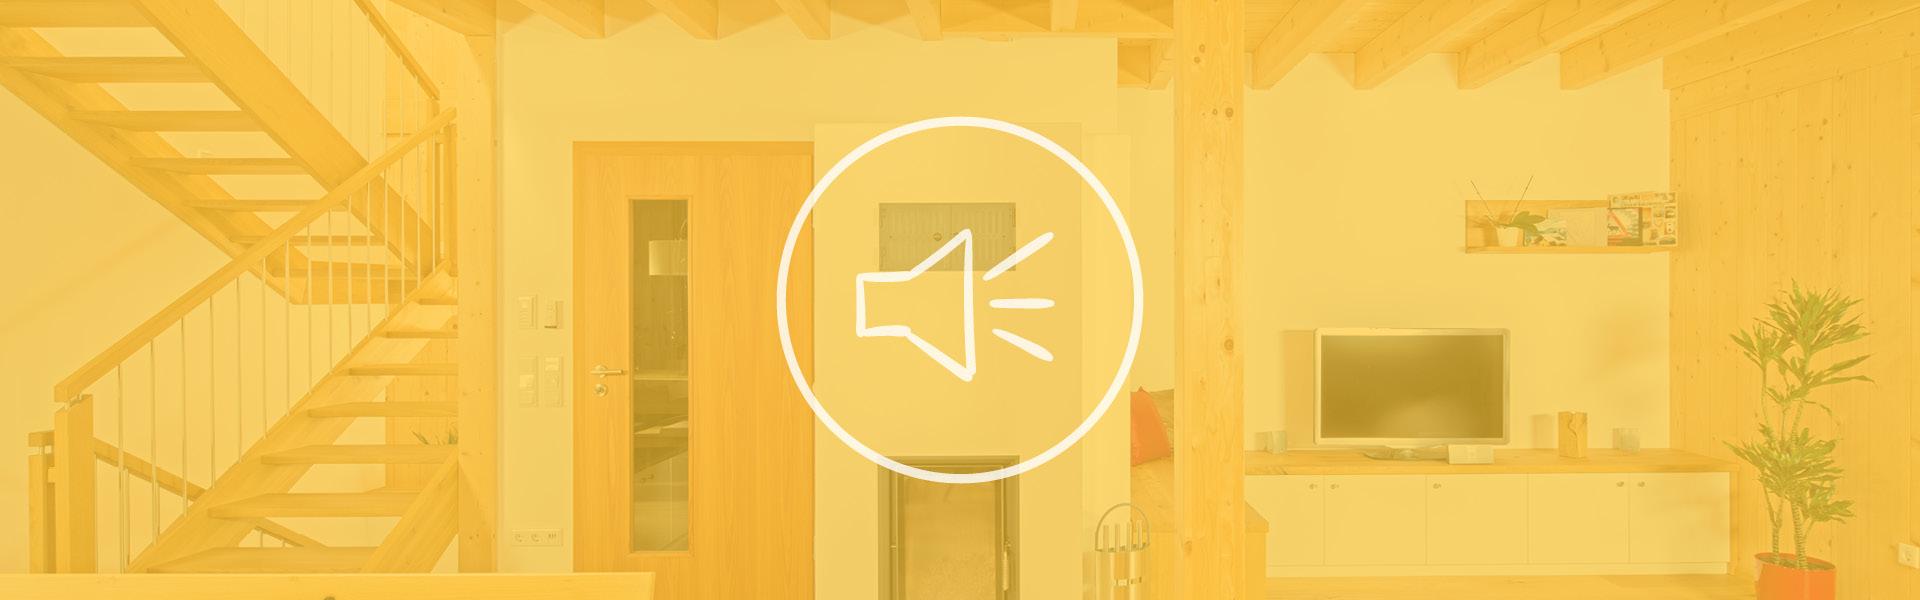 Eine Ansicht eines Wohnzimmers mit Treppenaufgang im Massivholzhaus mit einem gelben Farbton und einem Symbol für Lärm.